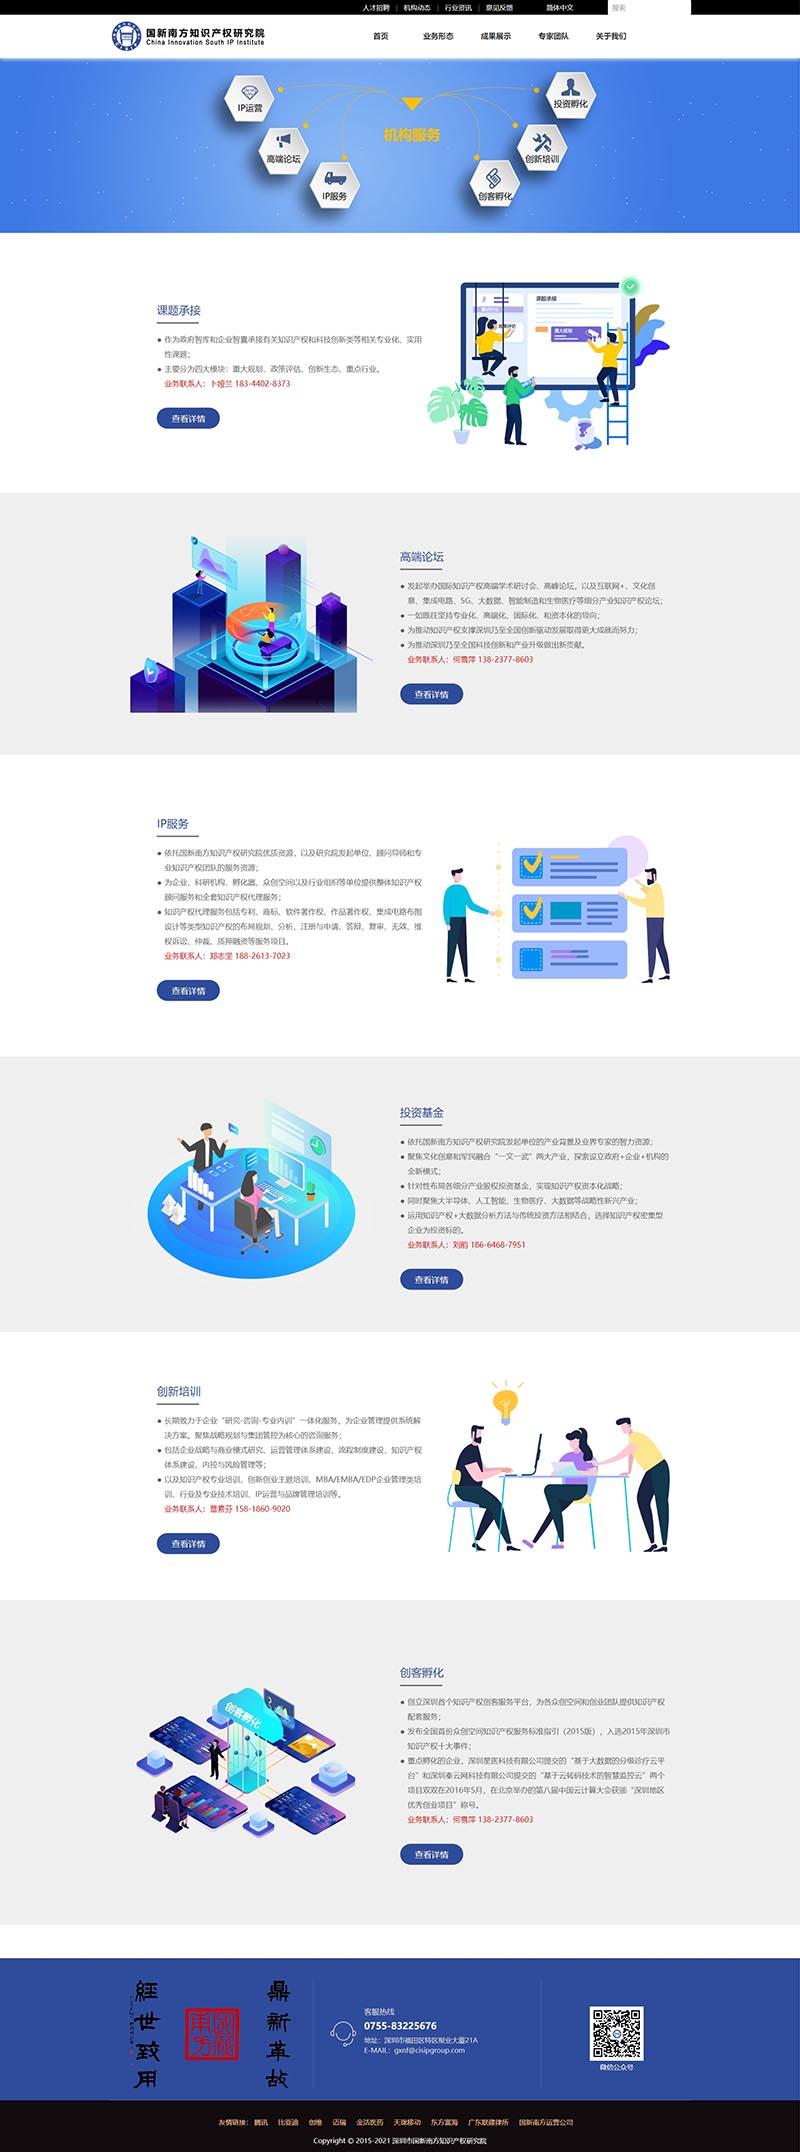 业务形态页面